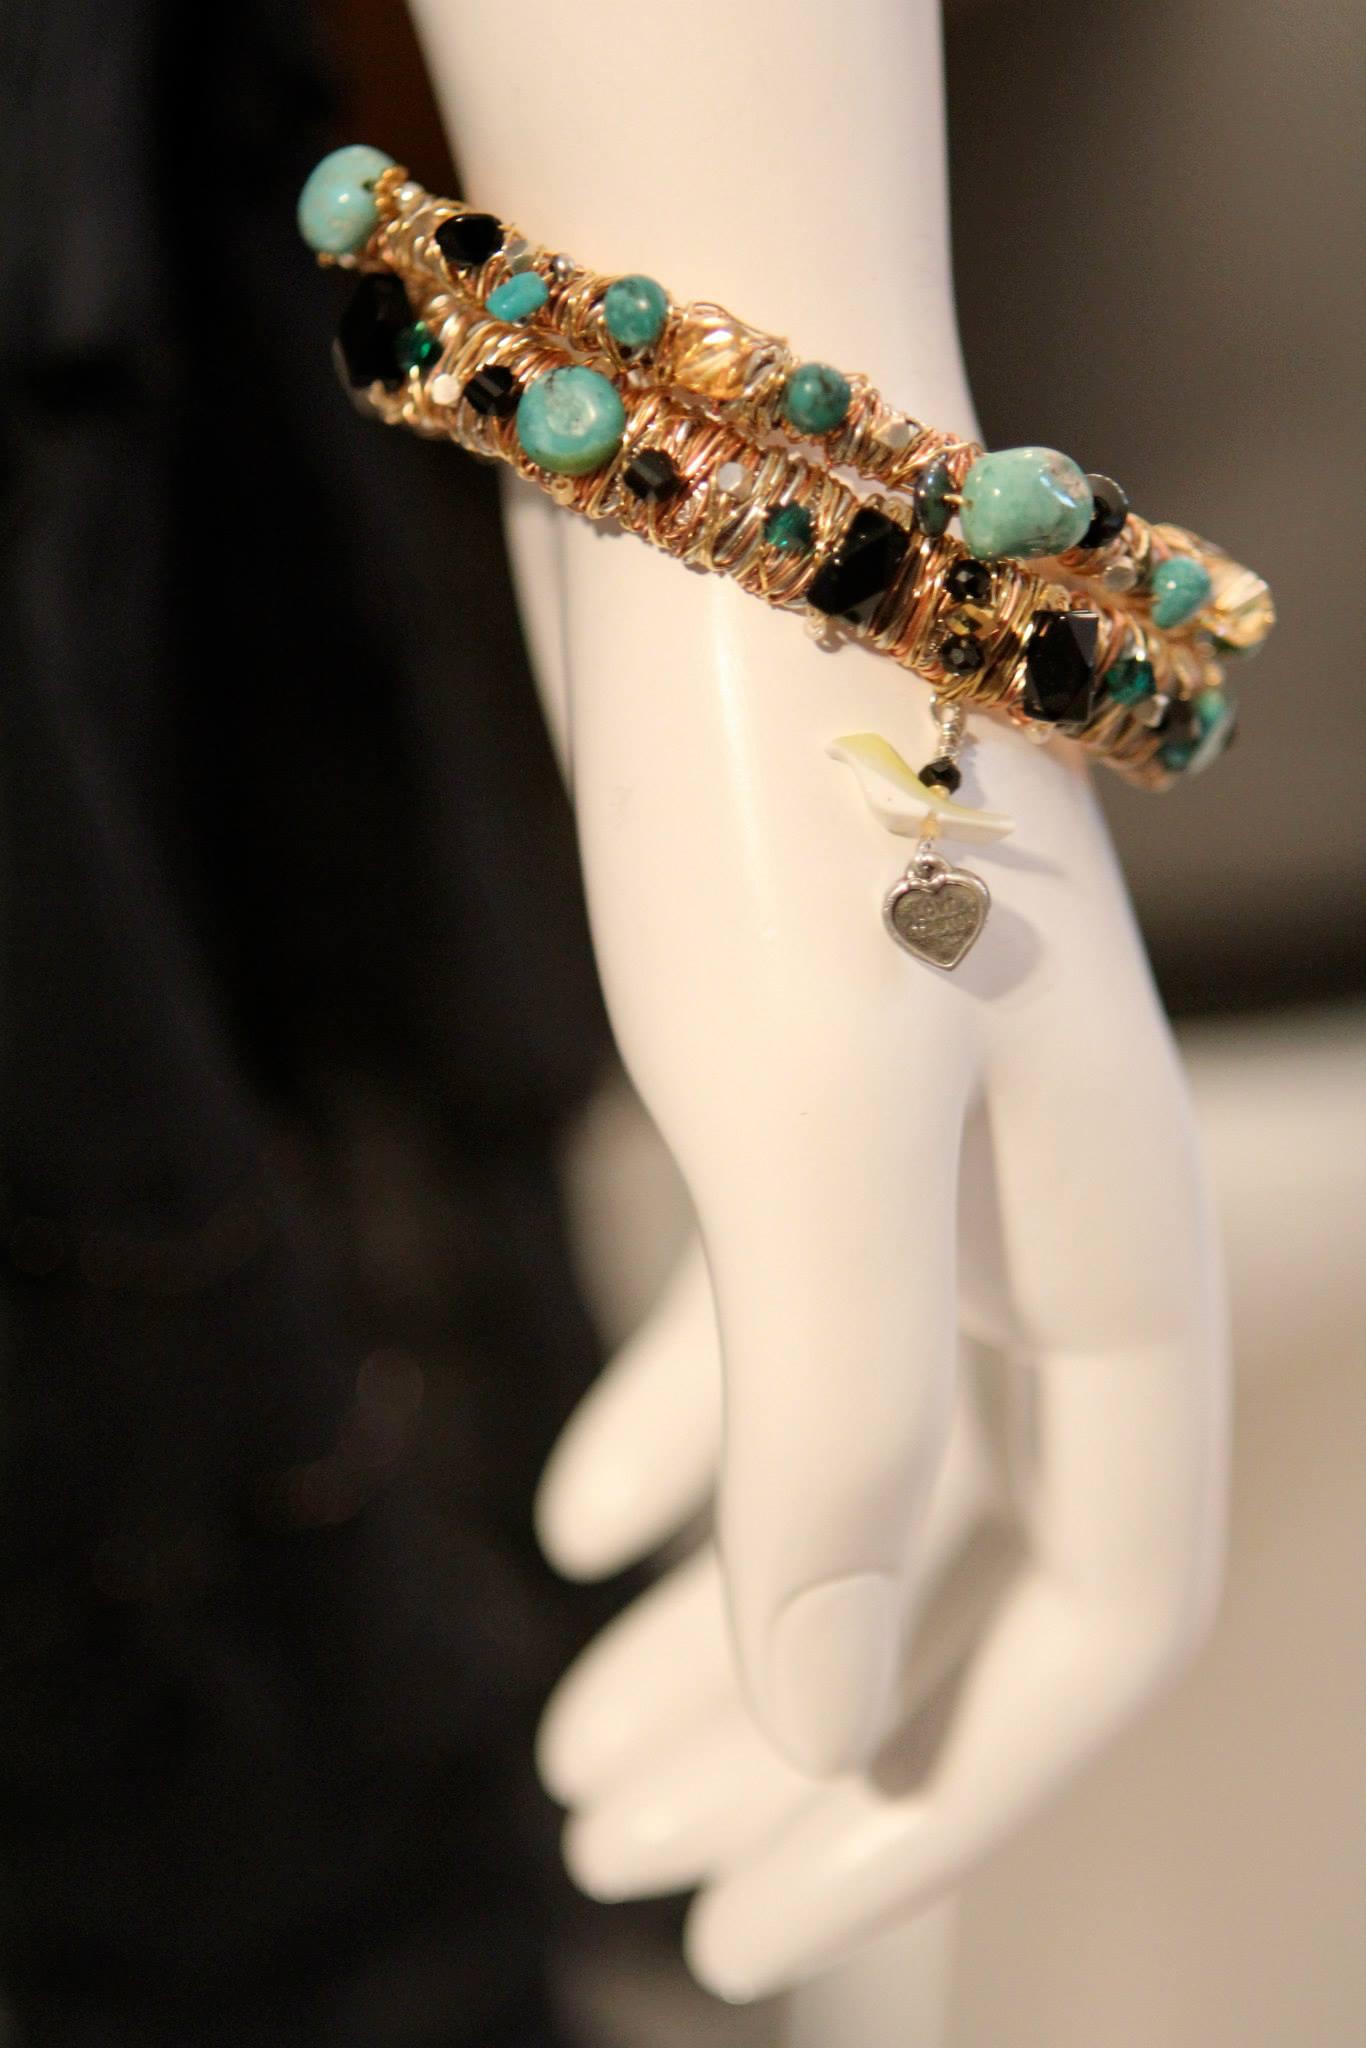 Bangle Bracelets | $250. ea.